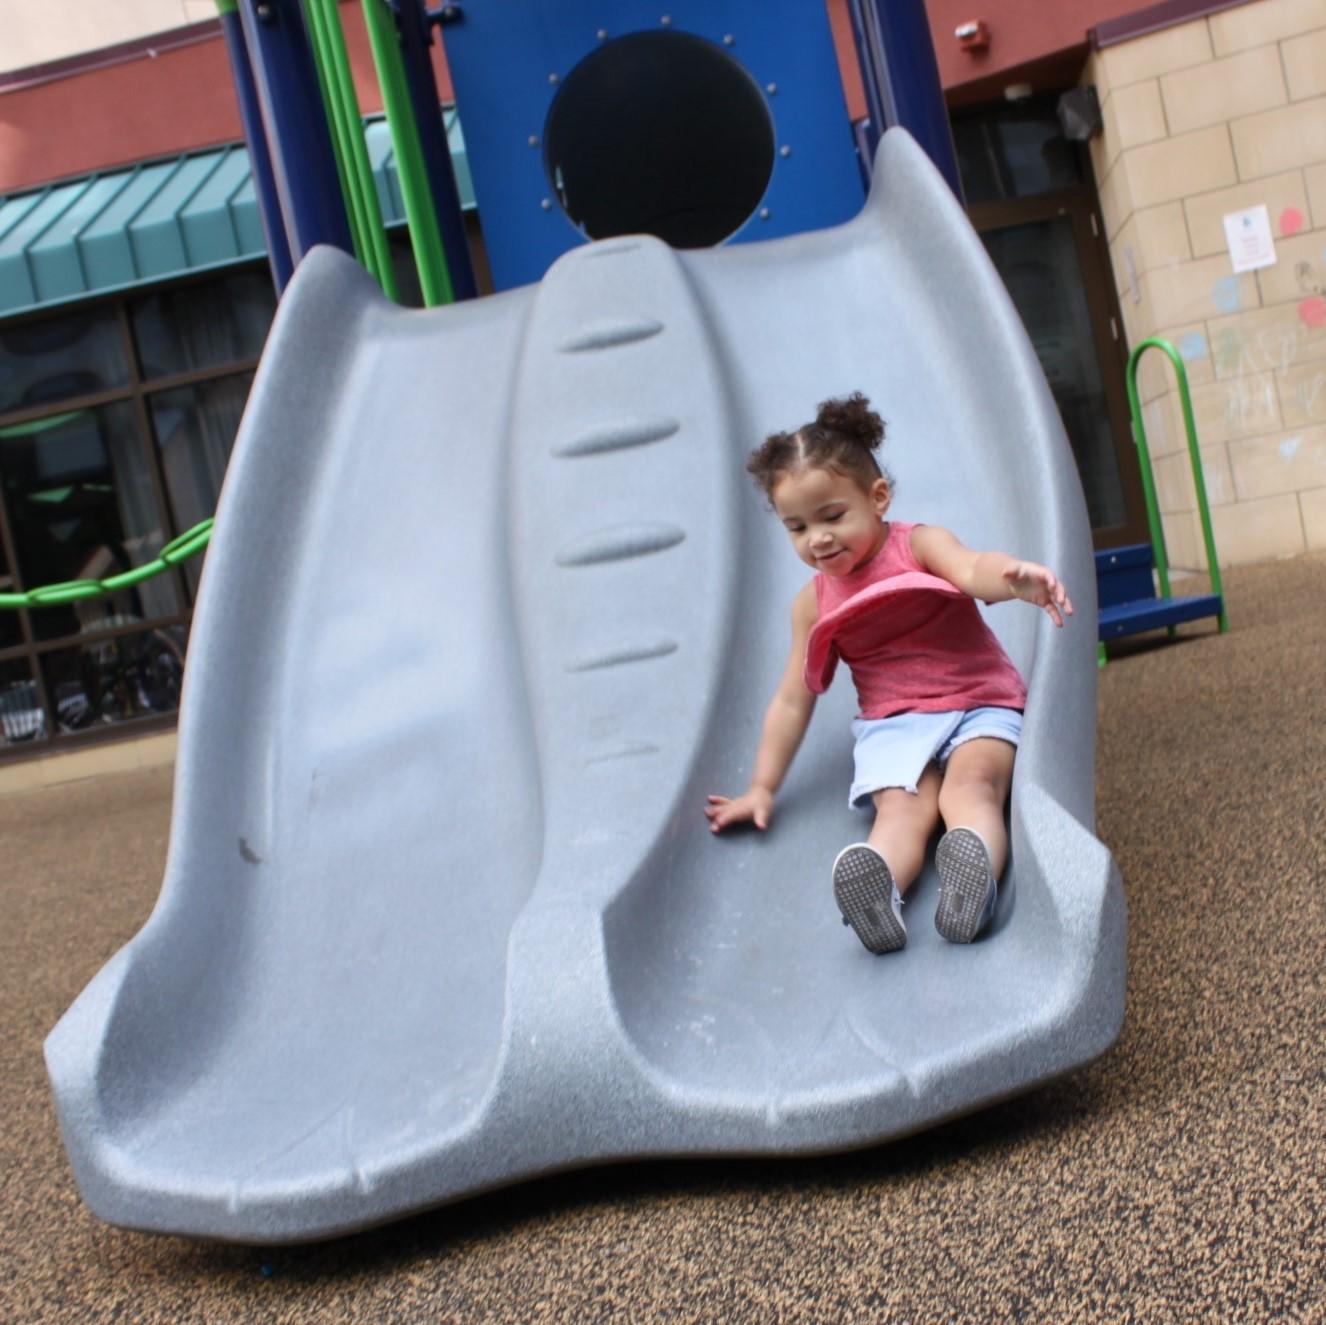 Girl sliding down the new slide